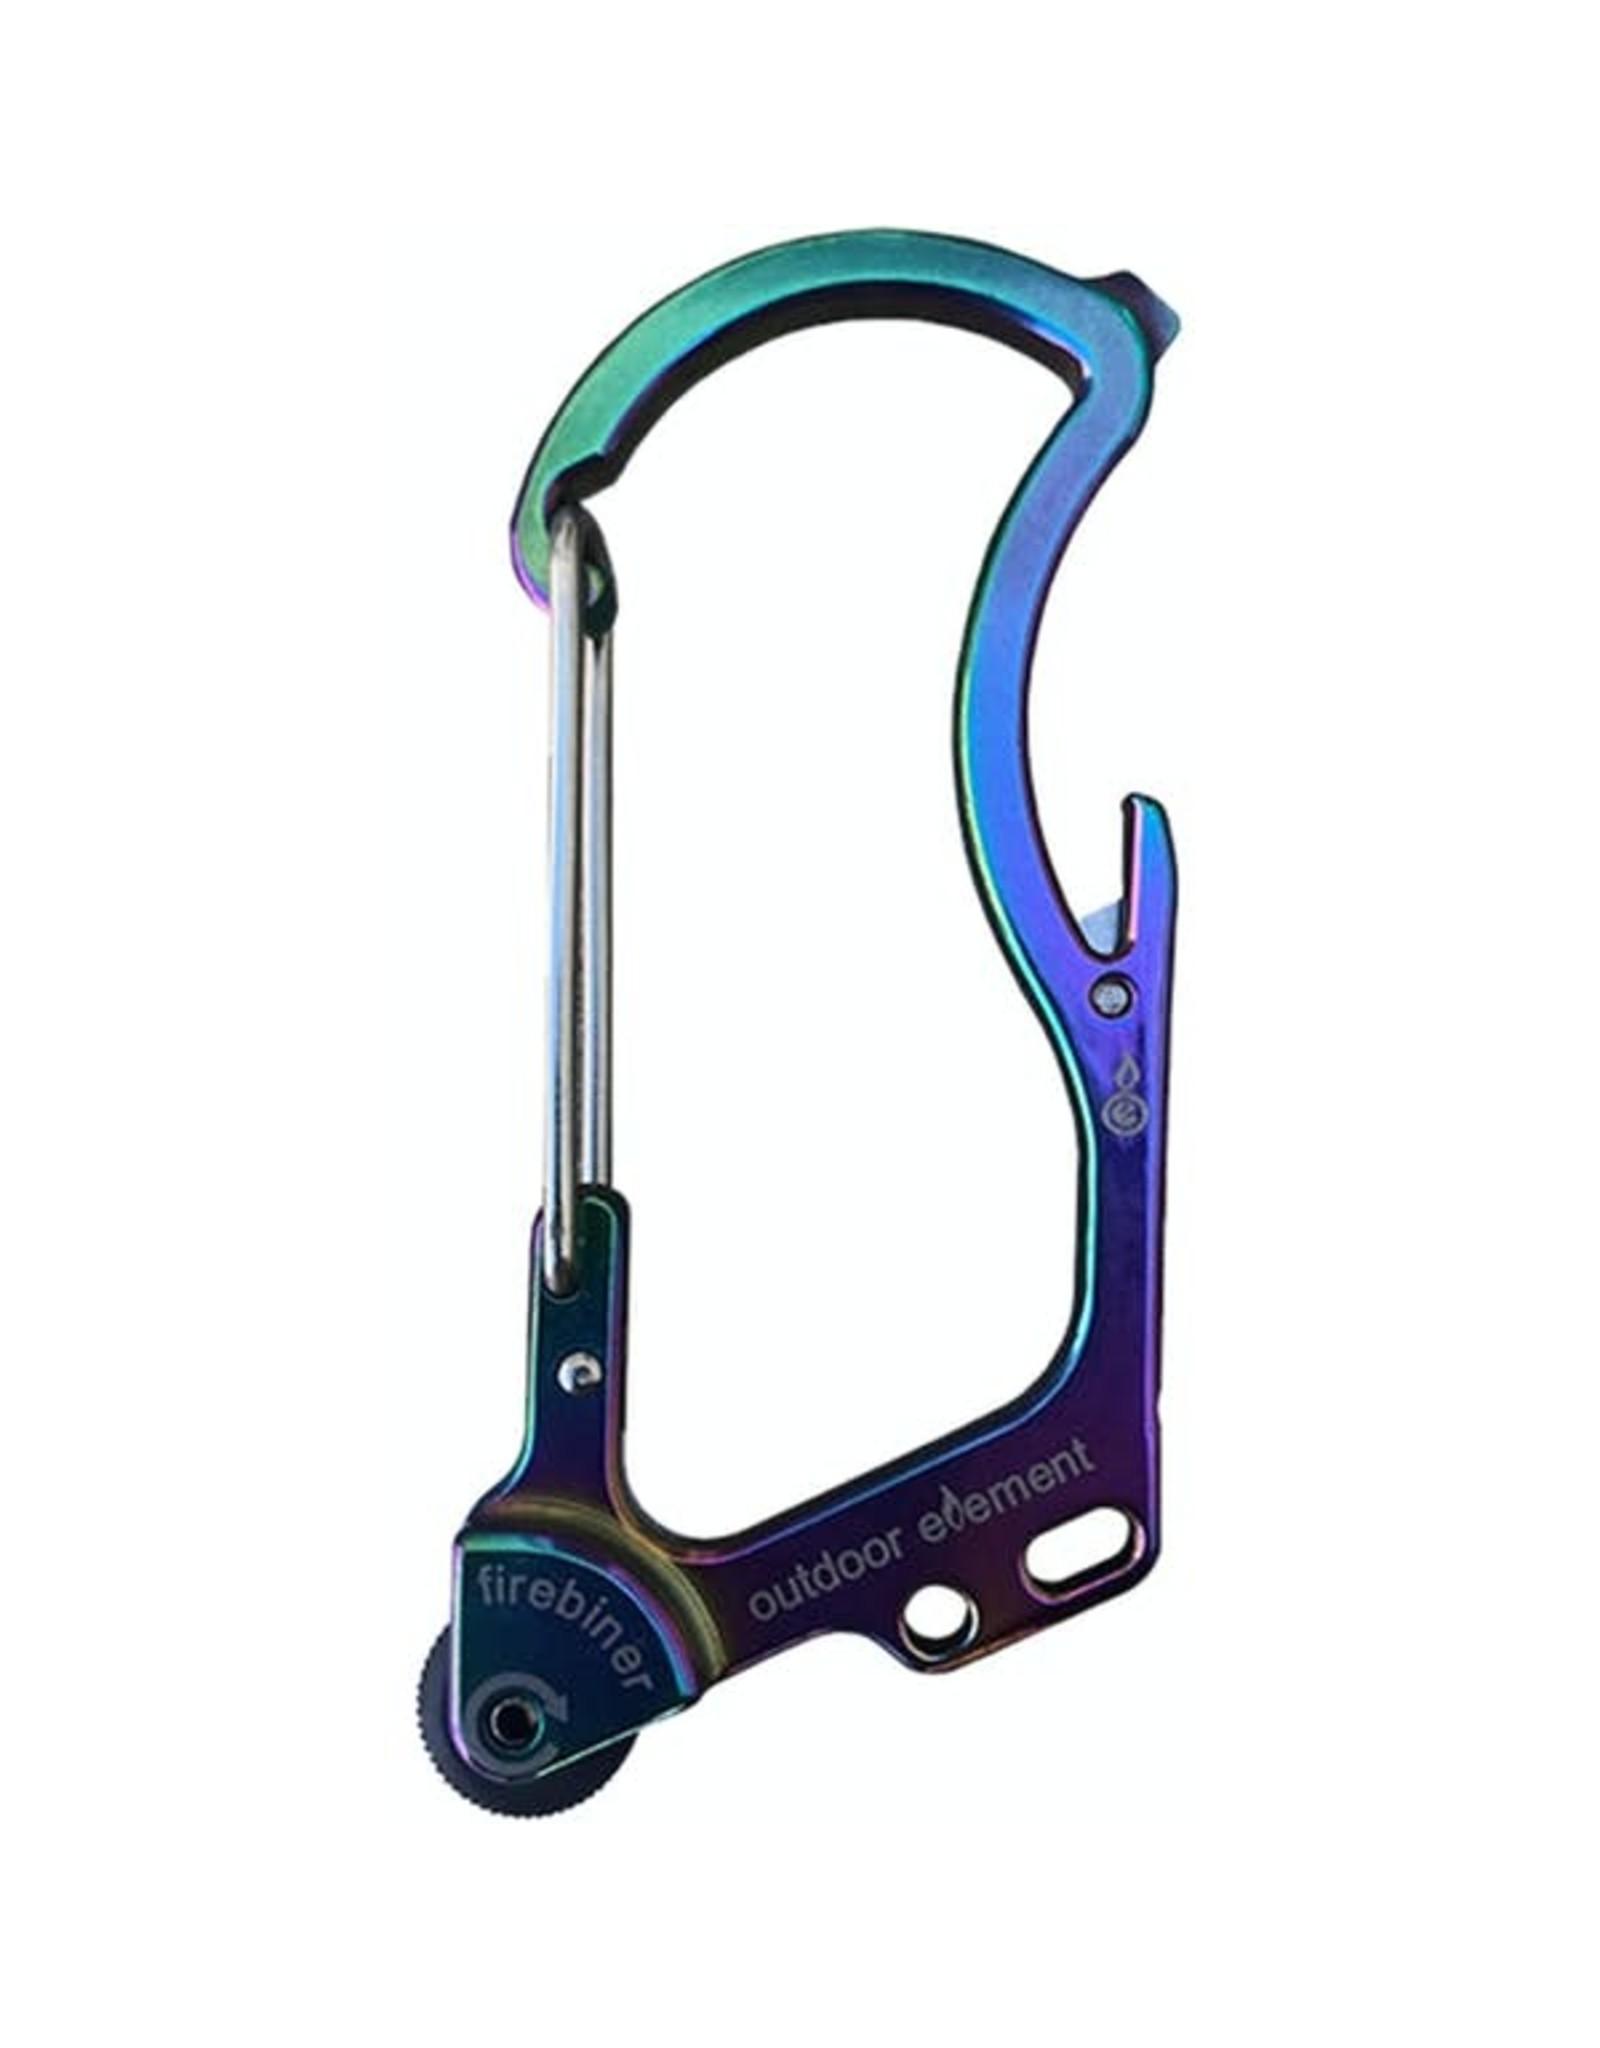 Outdoor Element Outdoor Element Firebiner